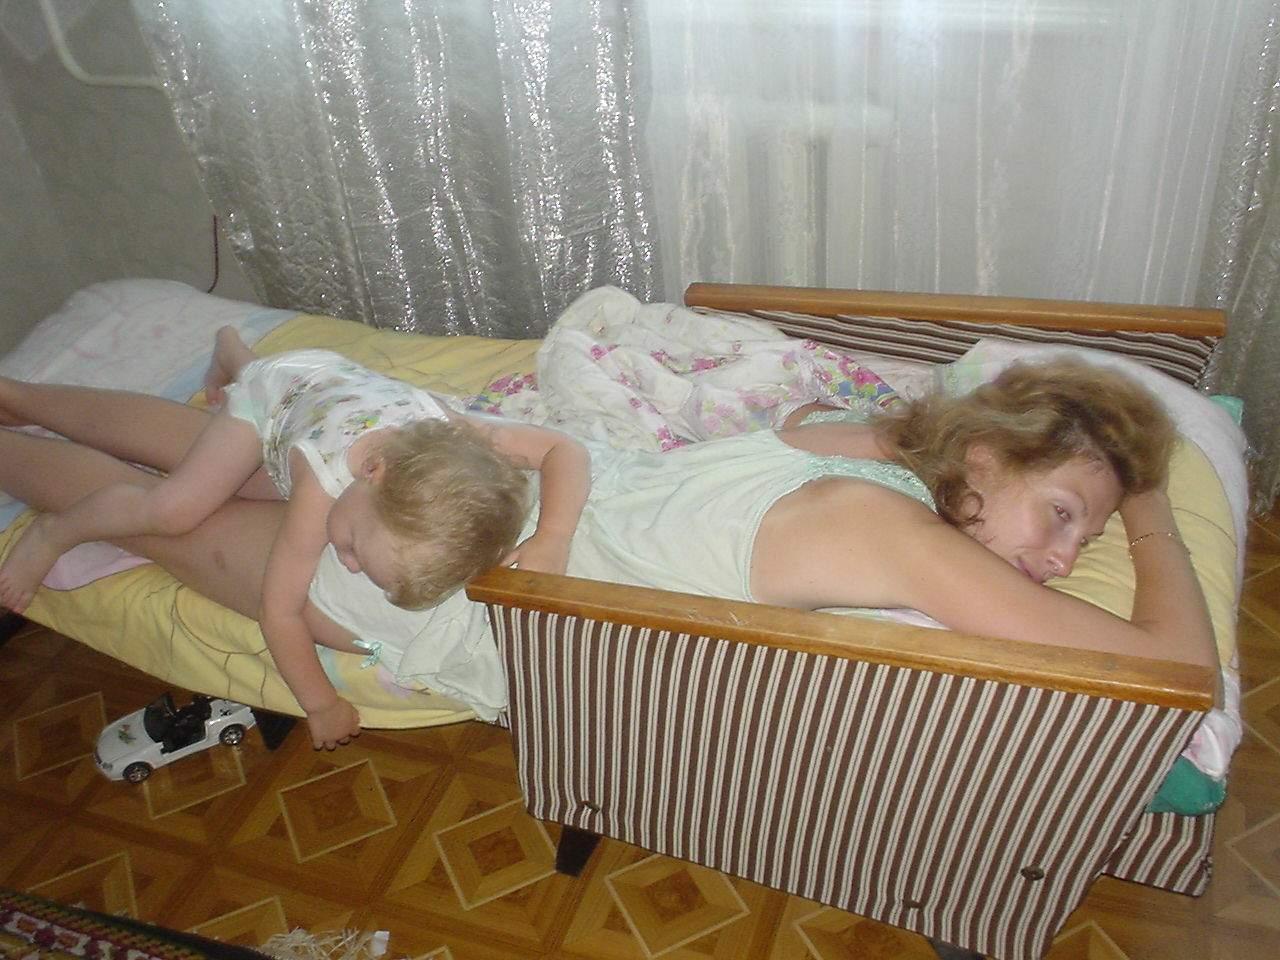 Видео Зрелых Голых Спящих Женщин